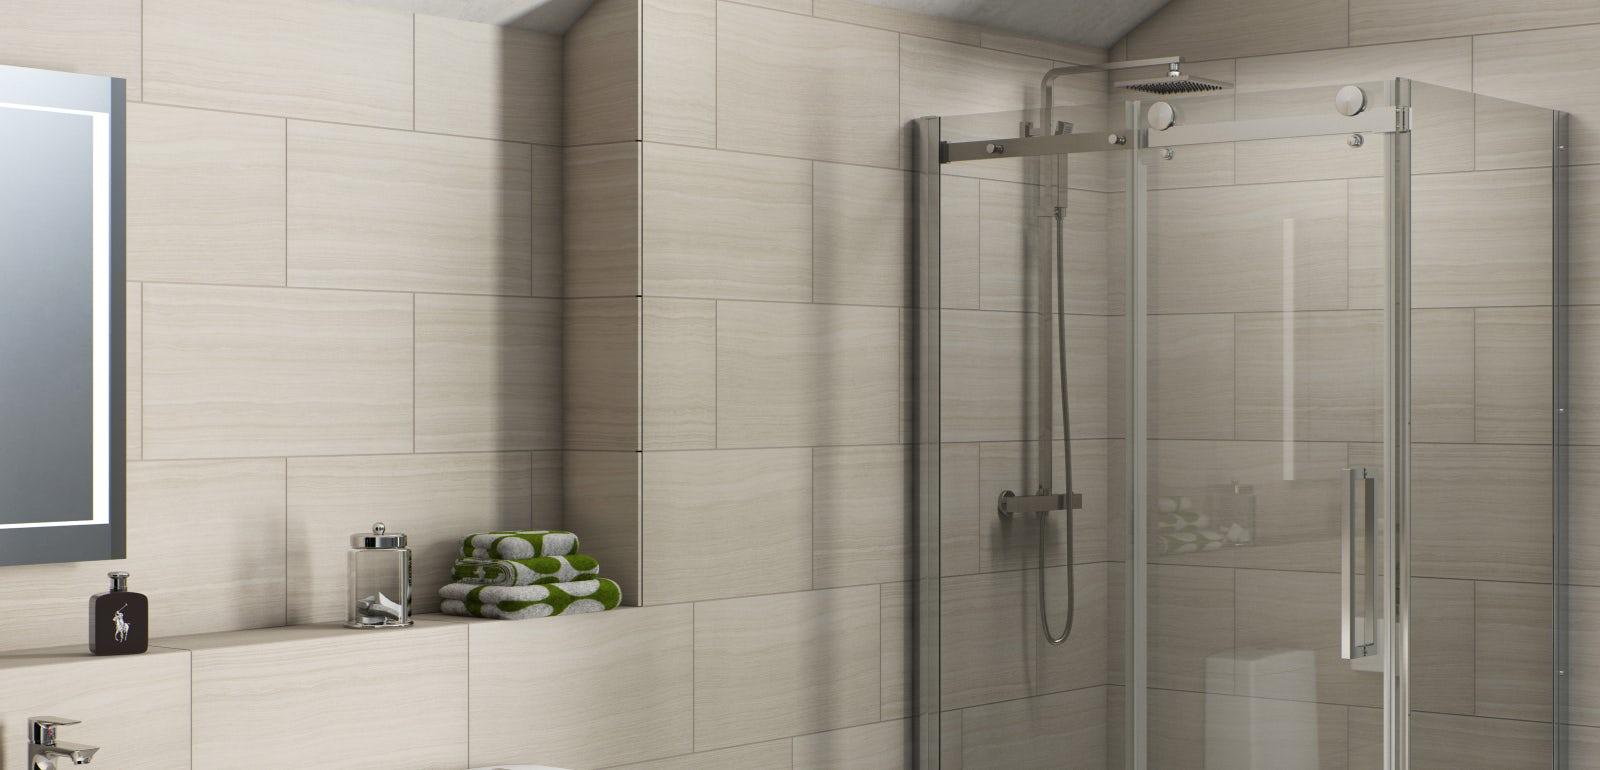 D shaped bottom shower enclosure